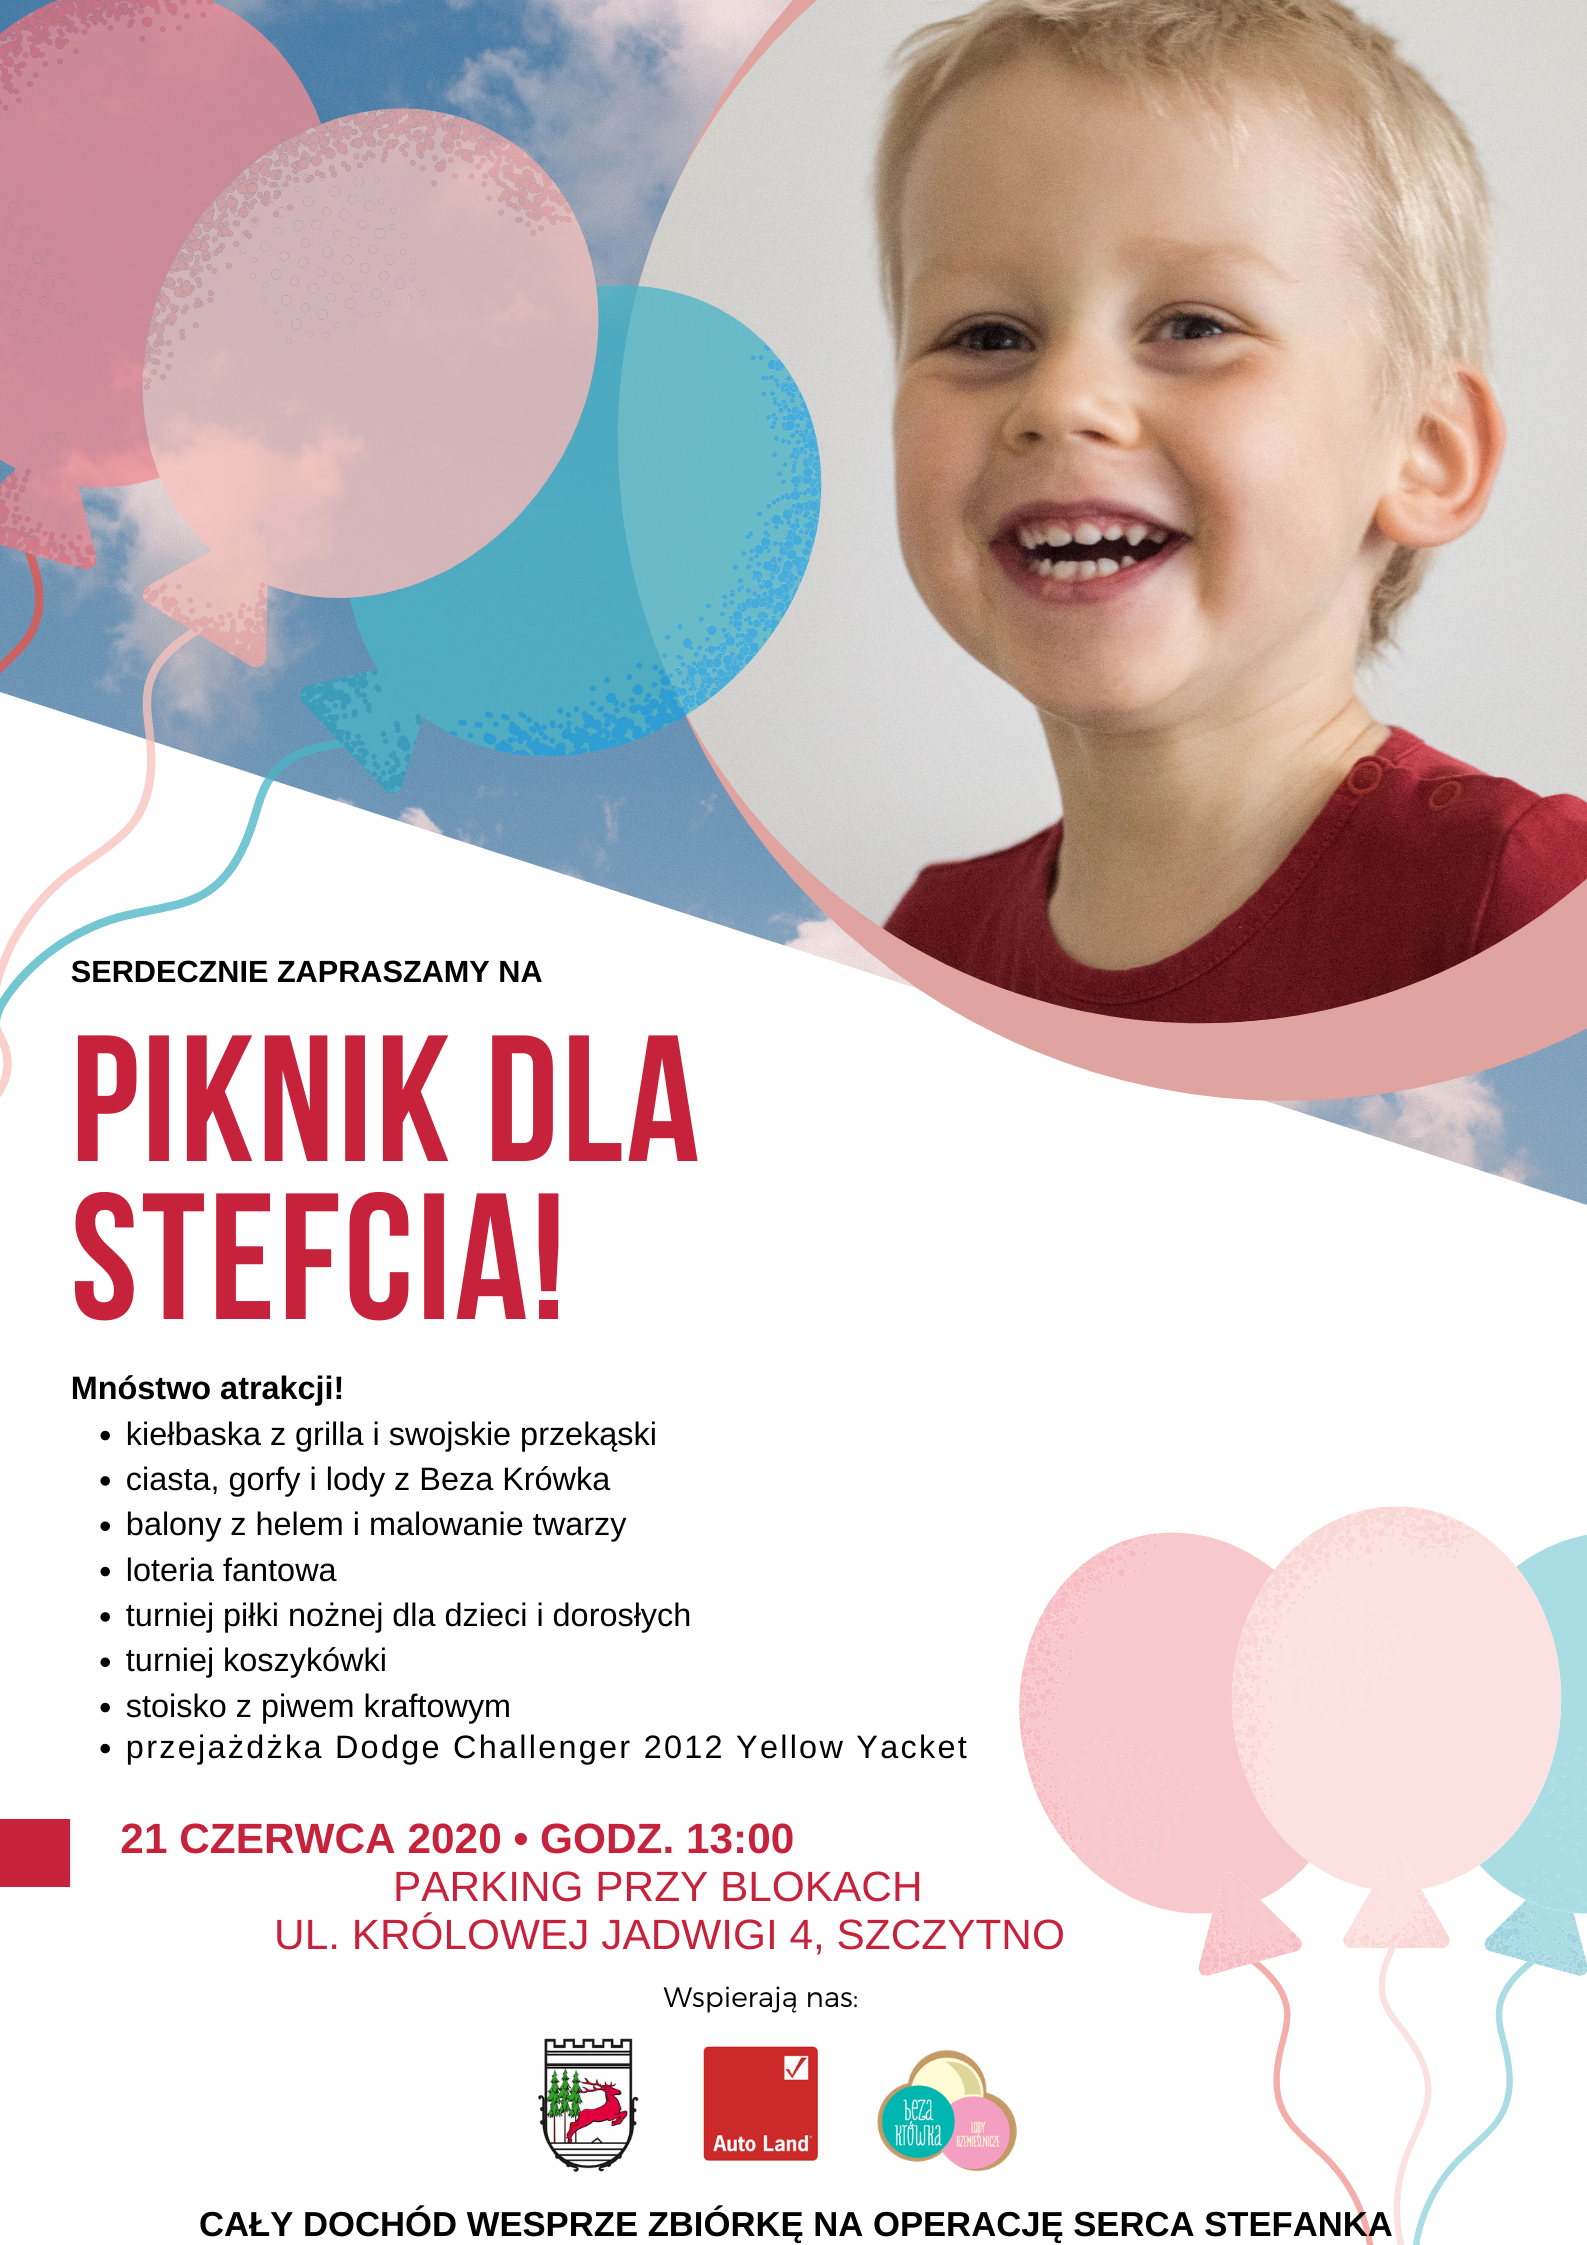 https://m.powiatszczycienski.pl/2020/06/orig/piknik-dla-stefcia-32503.png